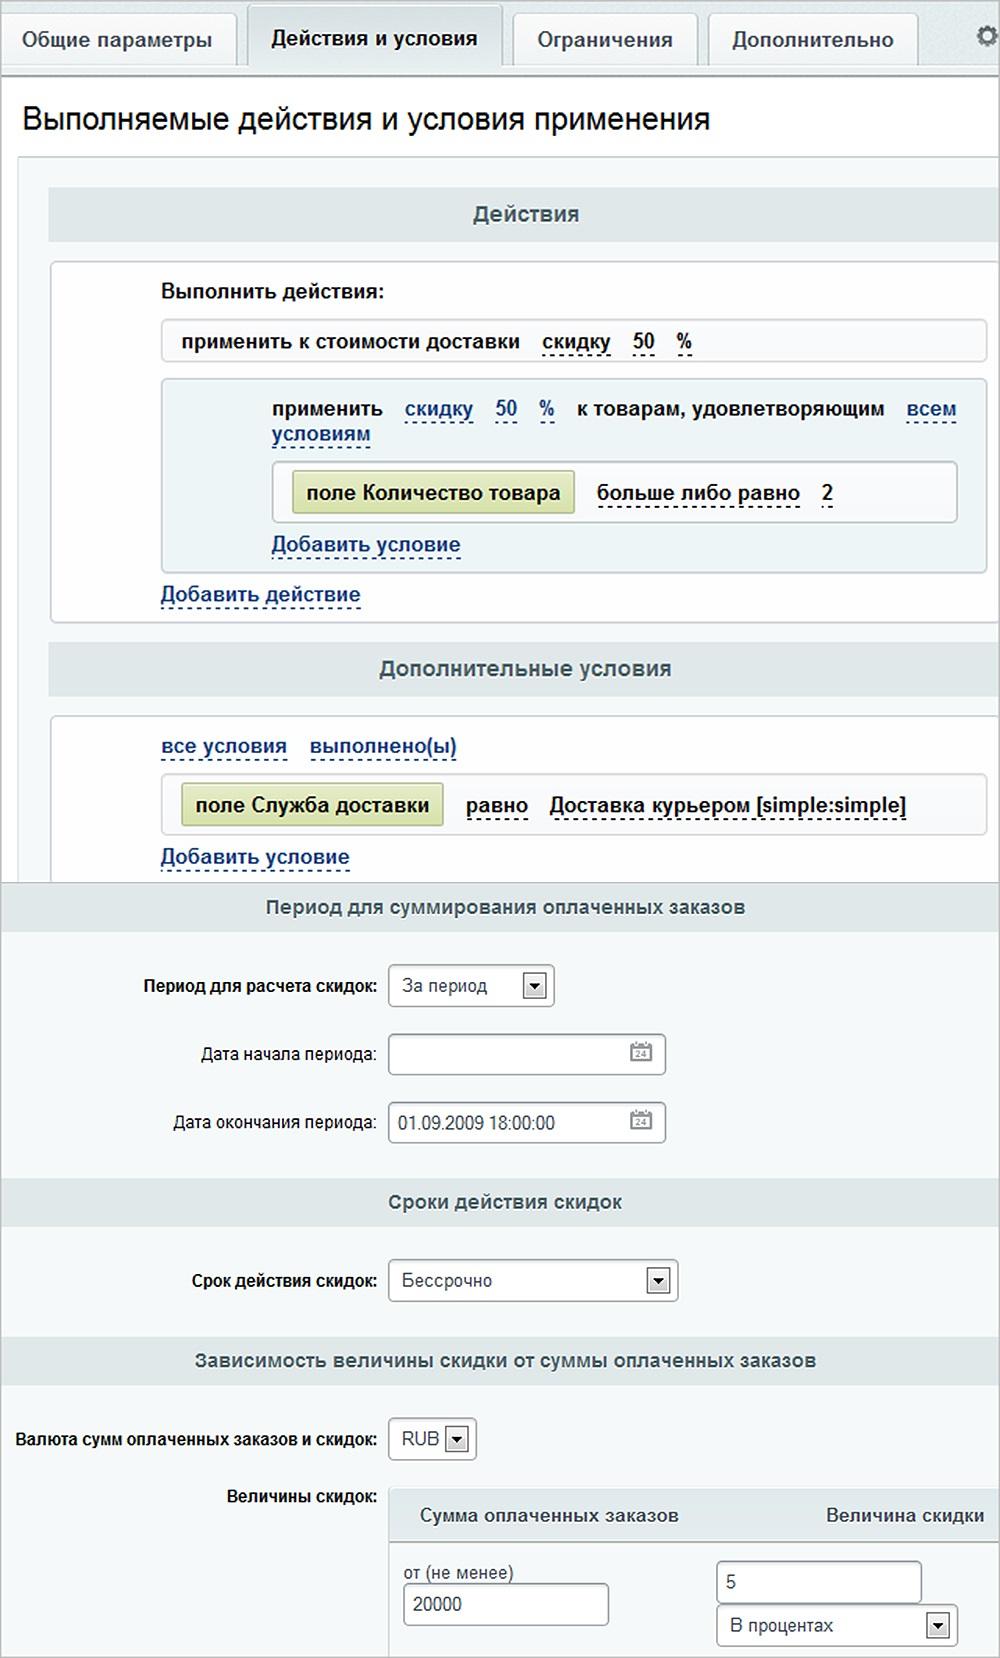 Битрикс накопительная скидка как добавить форму на страницу в битрикс